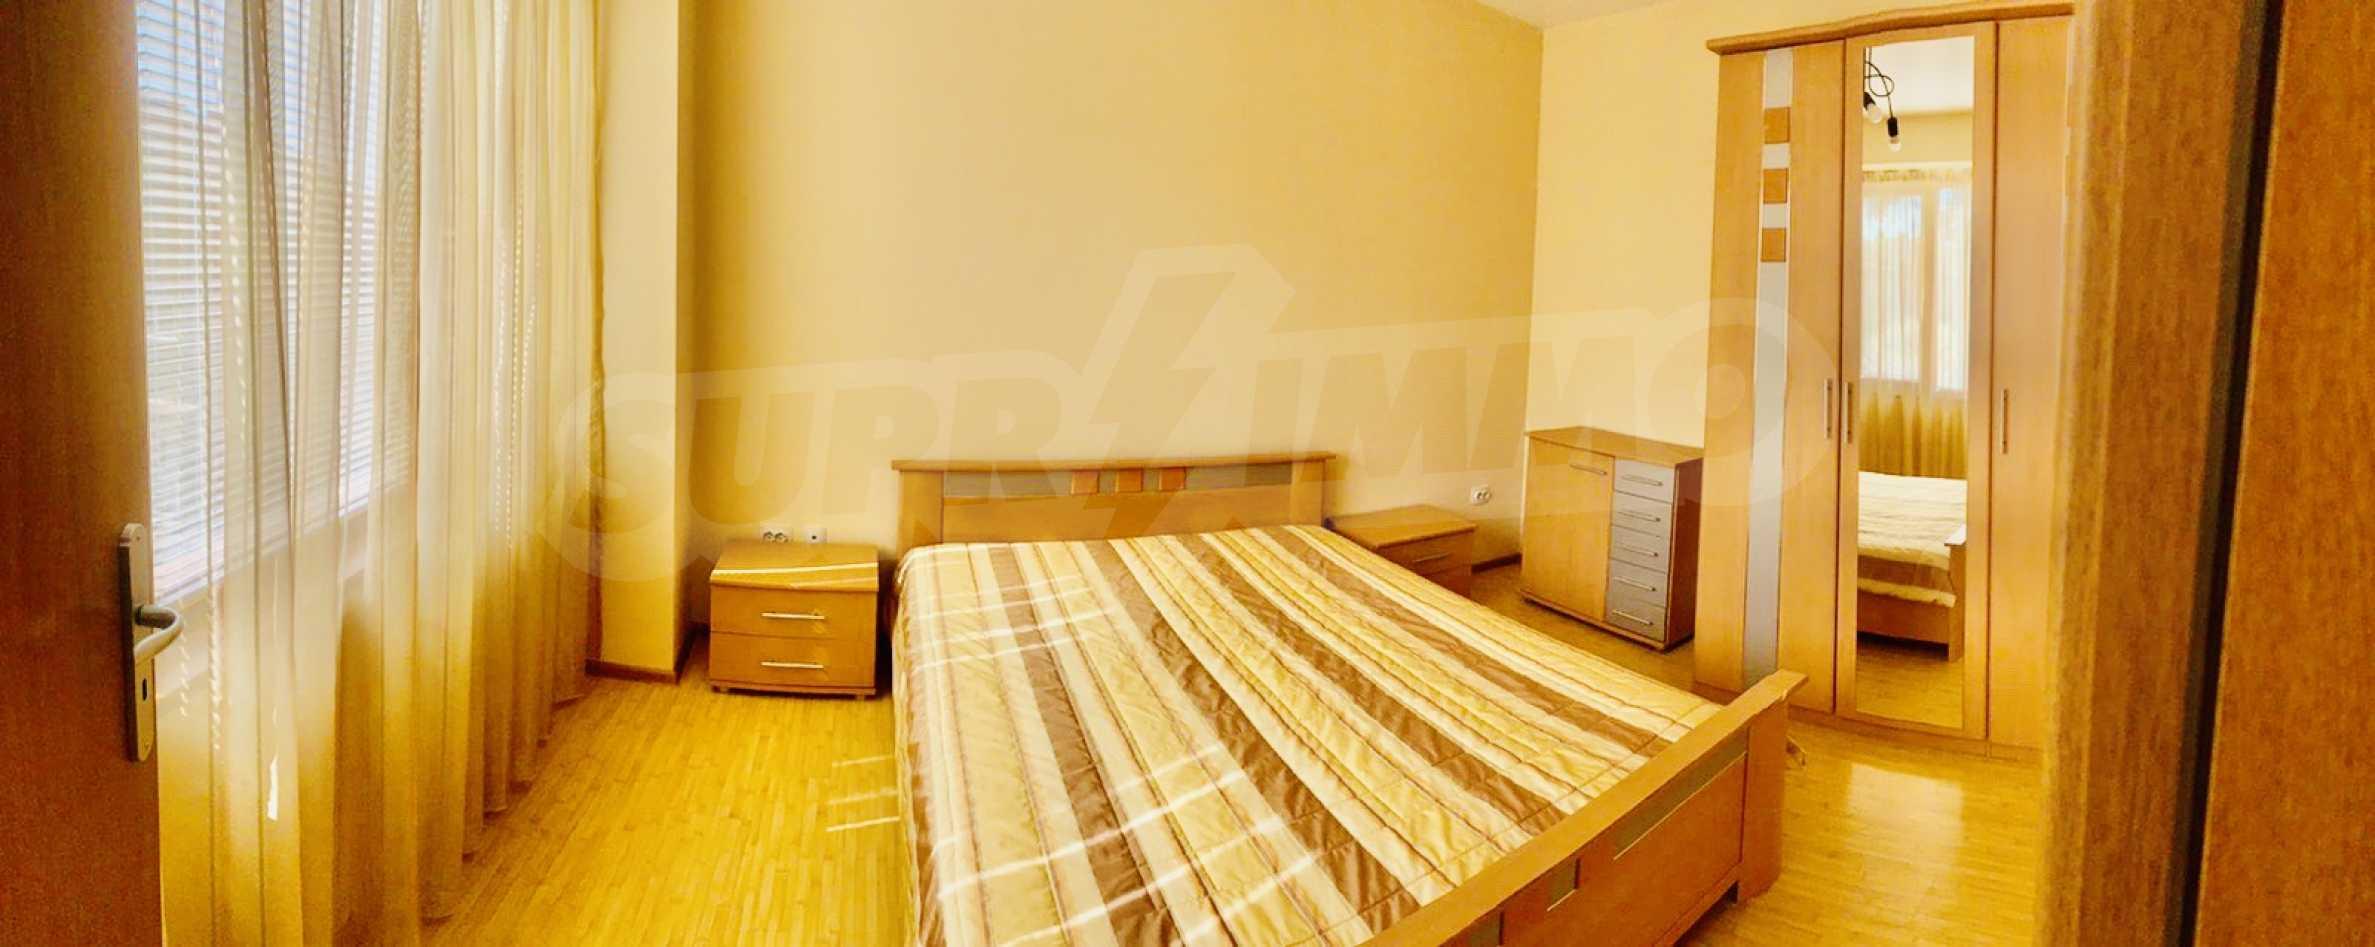 Apartment for rent in Veliko Tarnovo  7